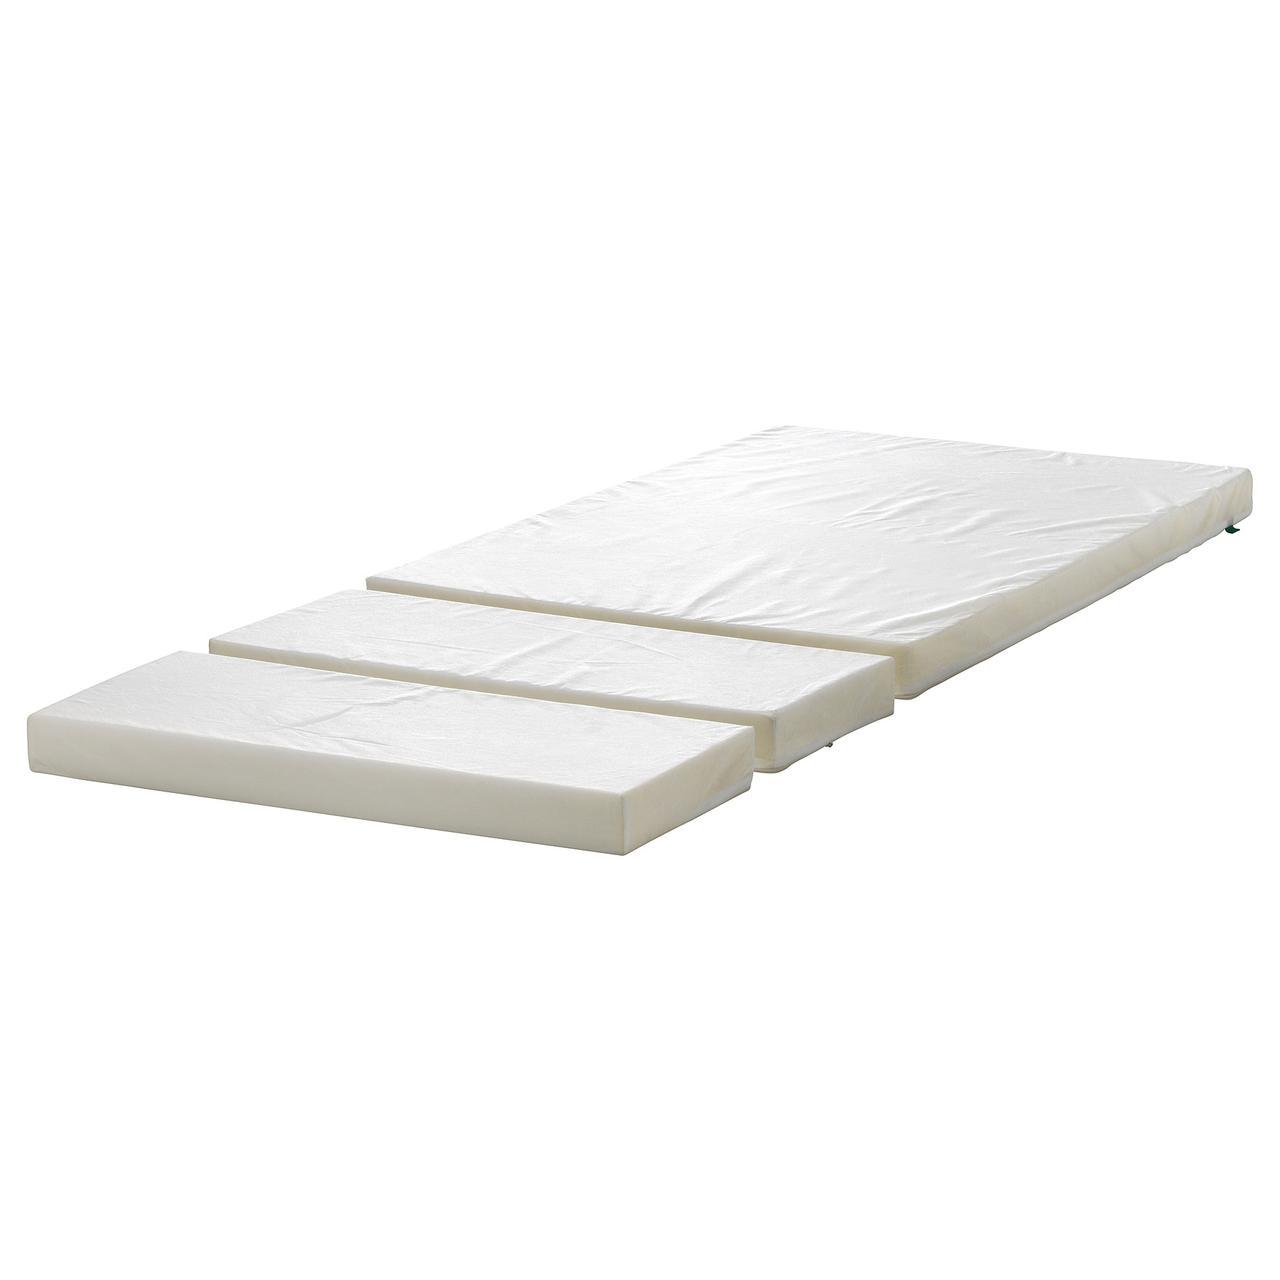 ПЛУТТЕН Матрас для раздвижной кровати